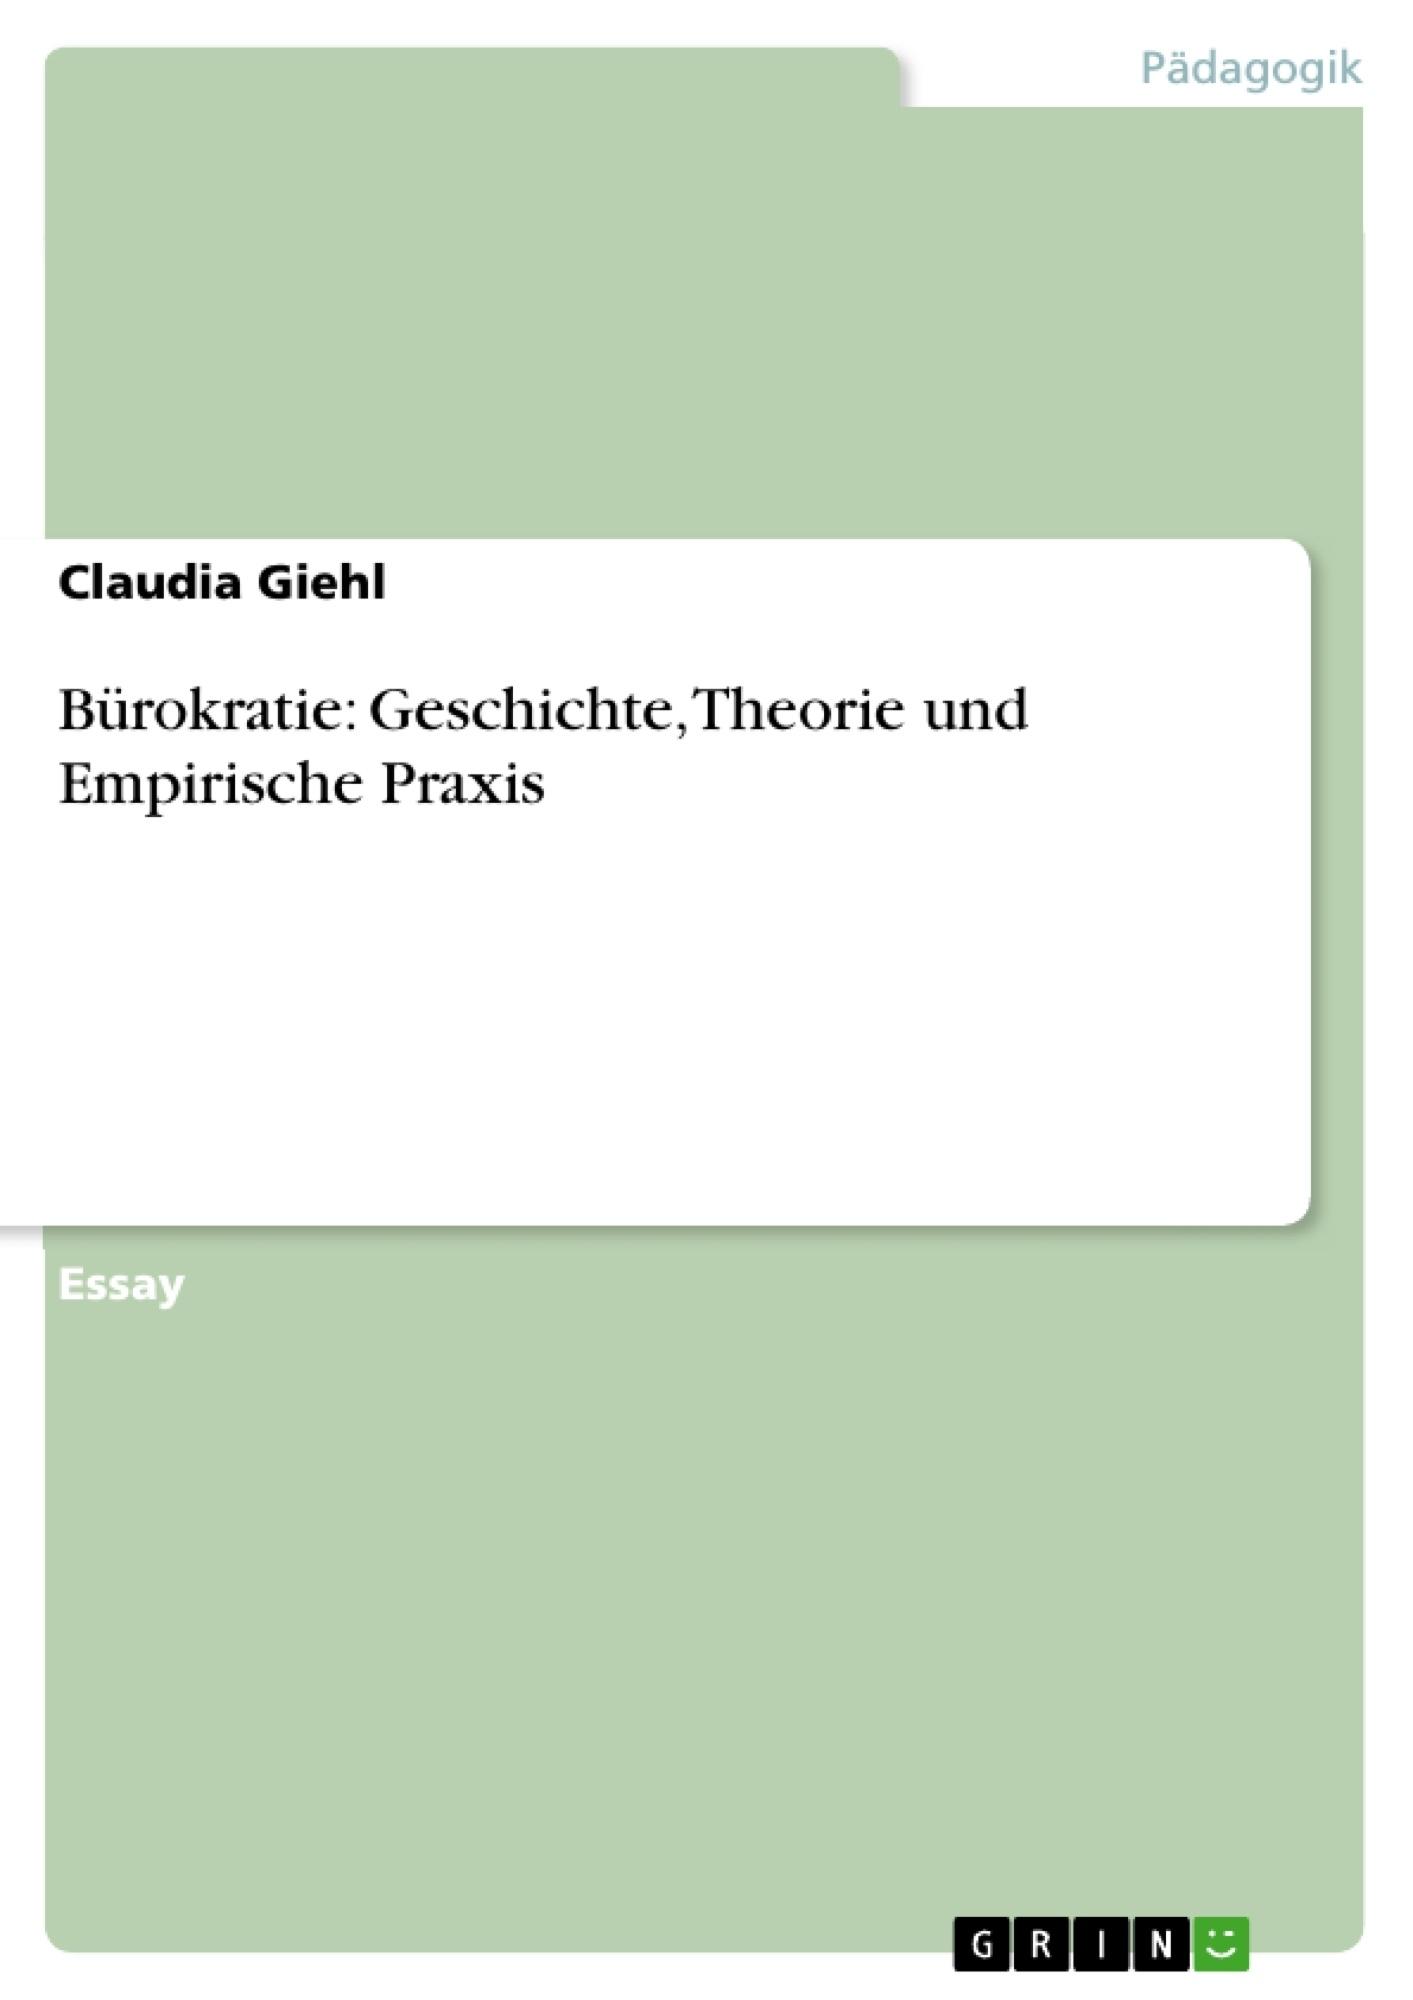 Titel: Bürokratie: Geschichte, Theorie und Empirische Praxis